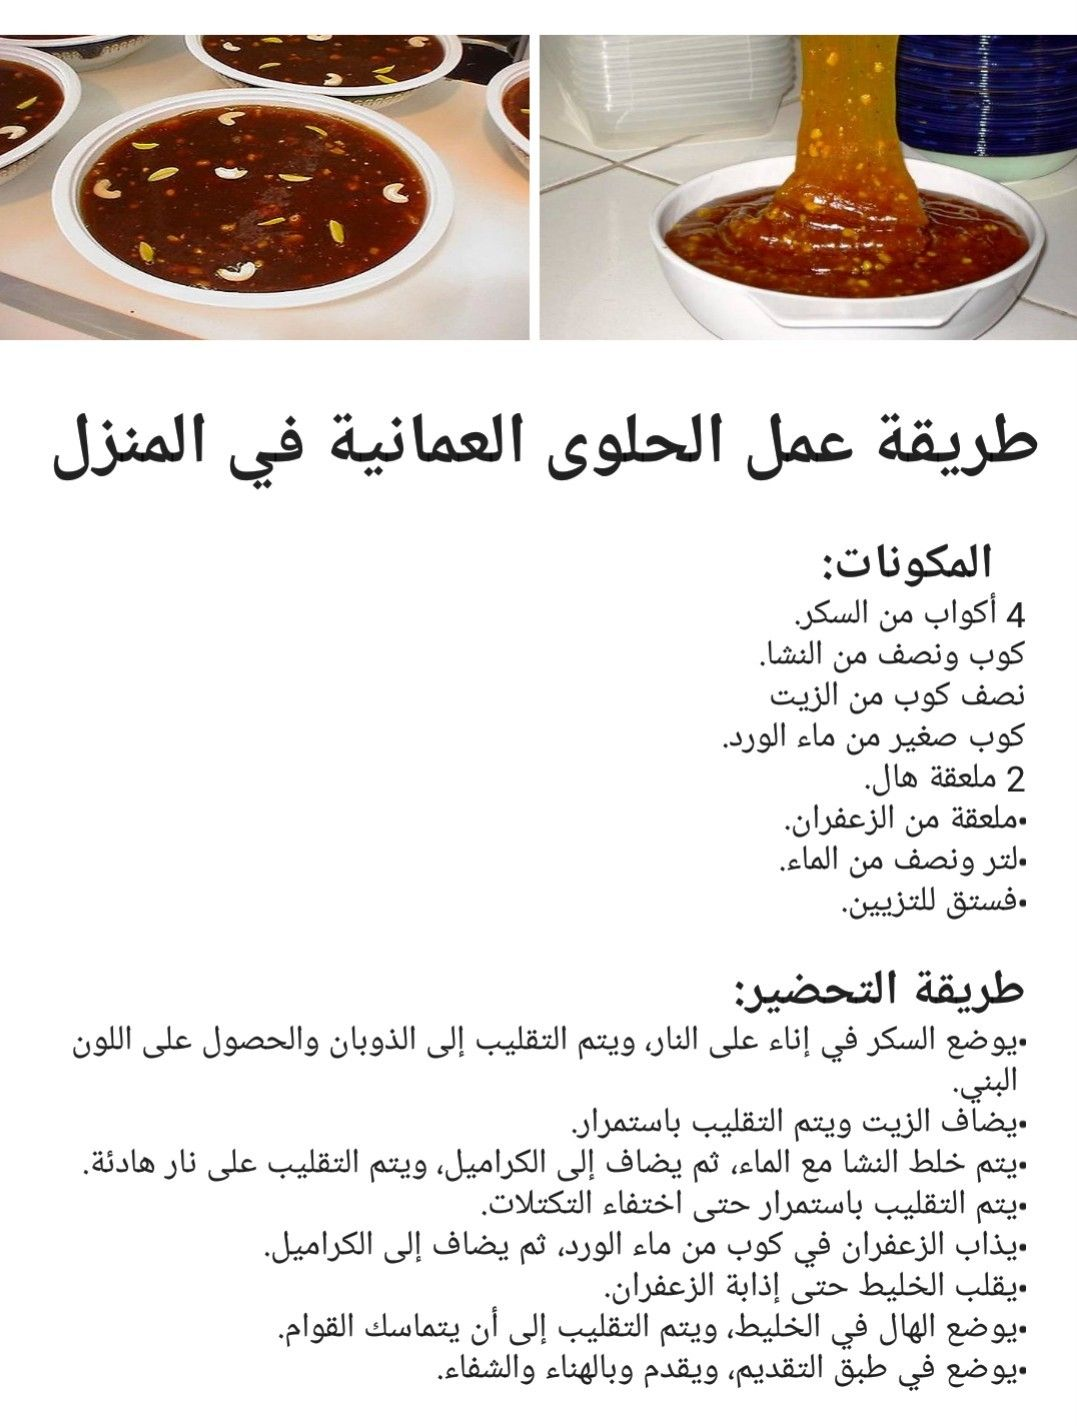 طريقة عمل الحلوى العمانية في المنزل Cookout Food Cooking Recipes Arabic Food